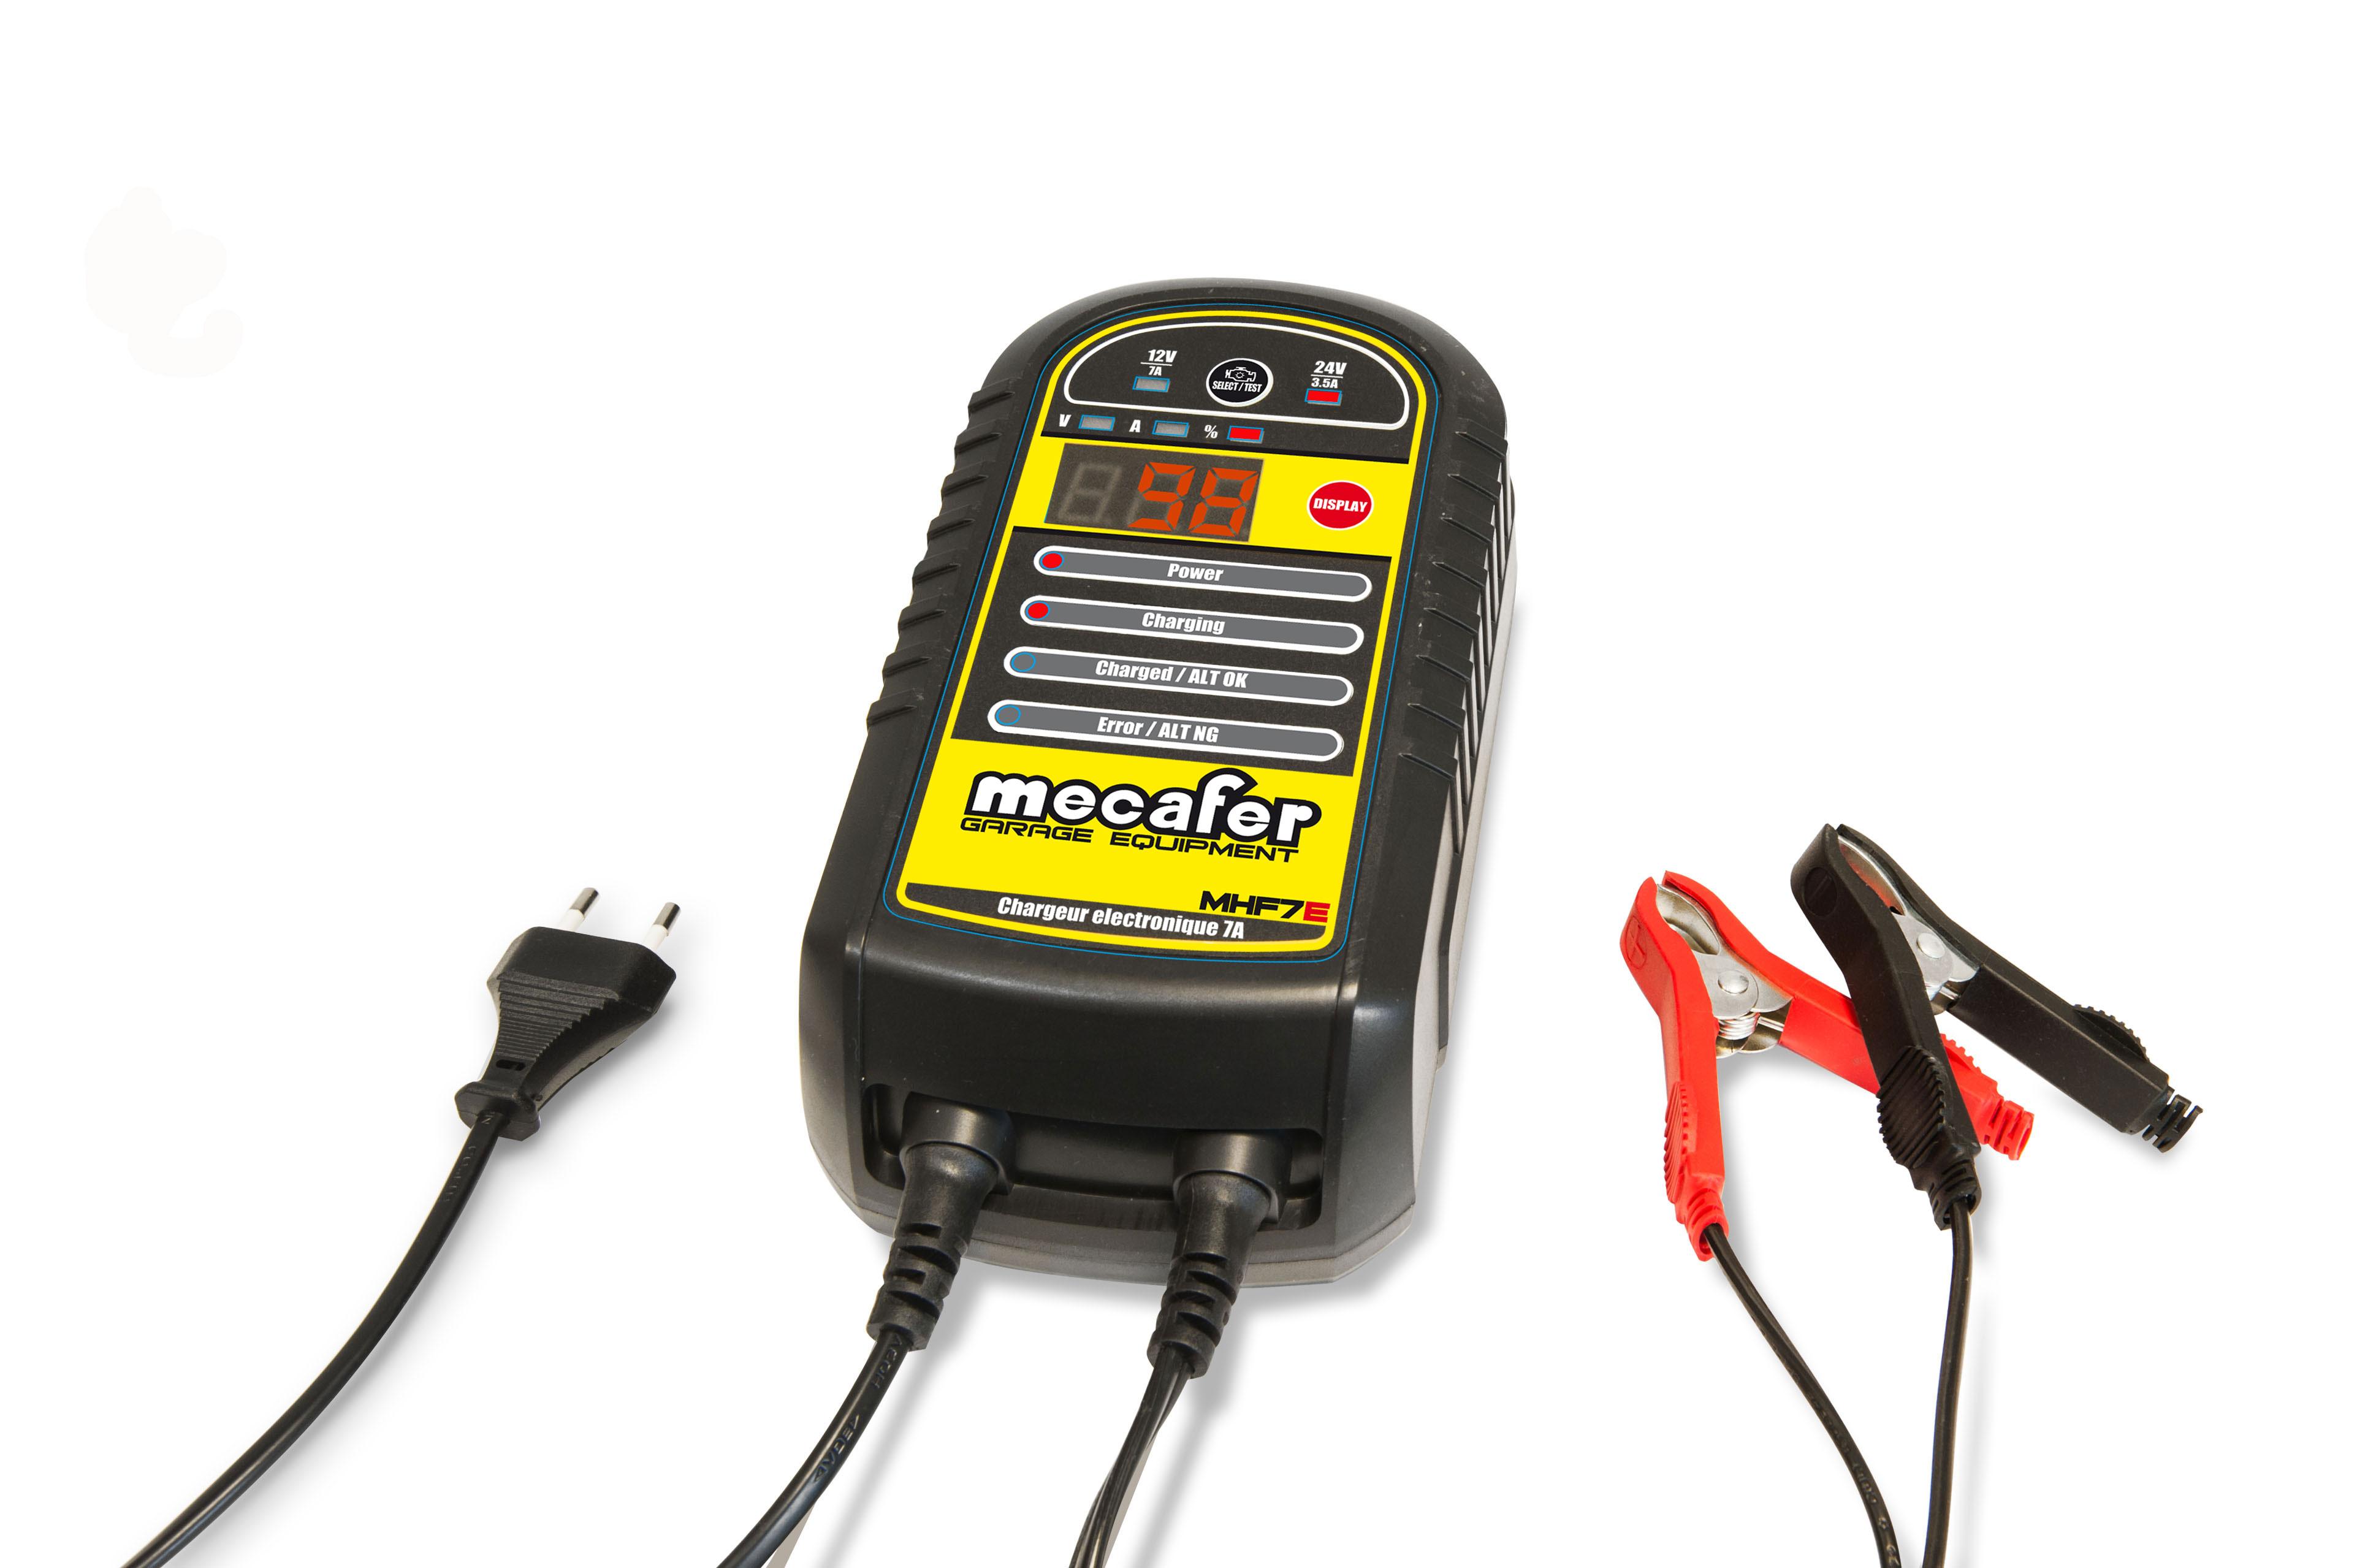 Chargeur de batterie MHF7e